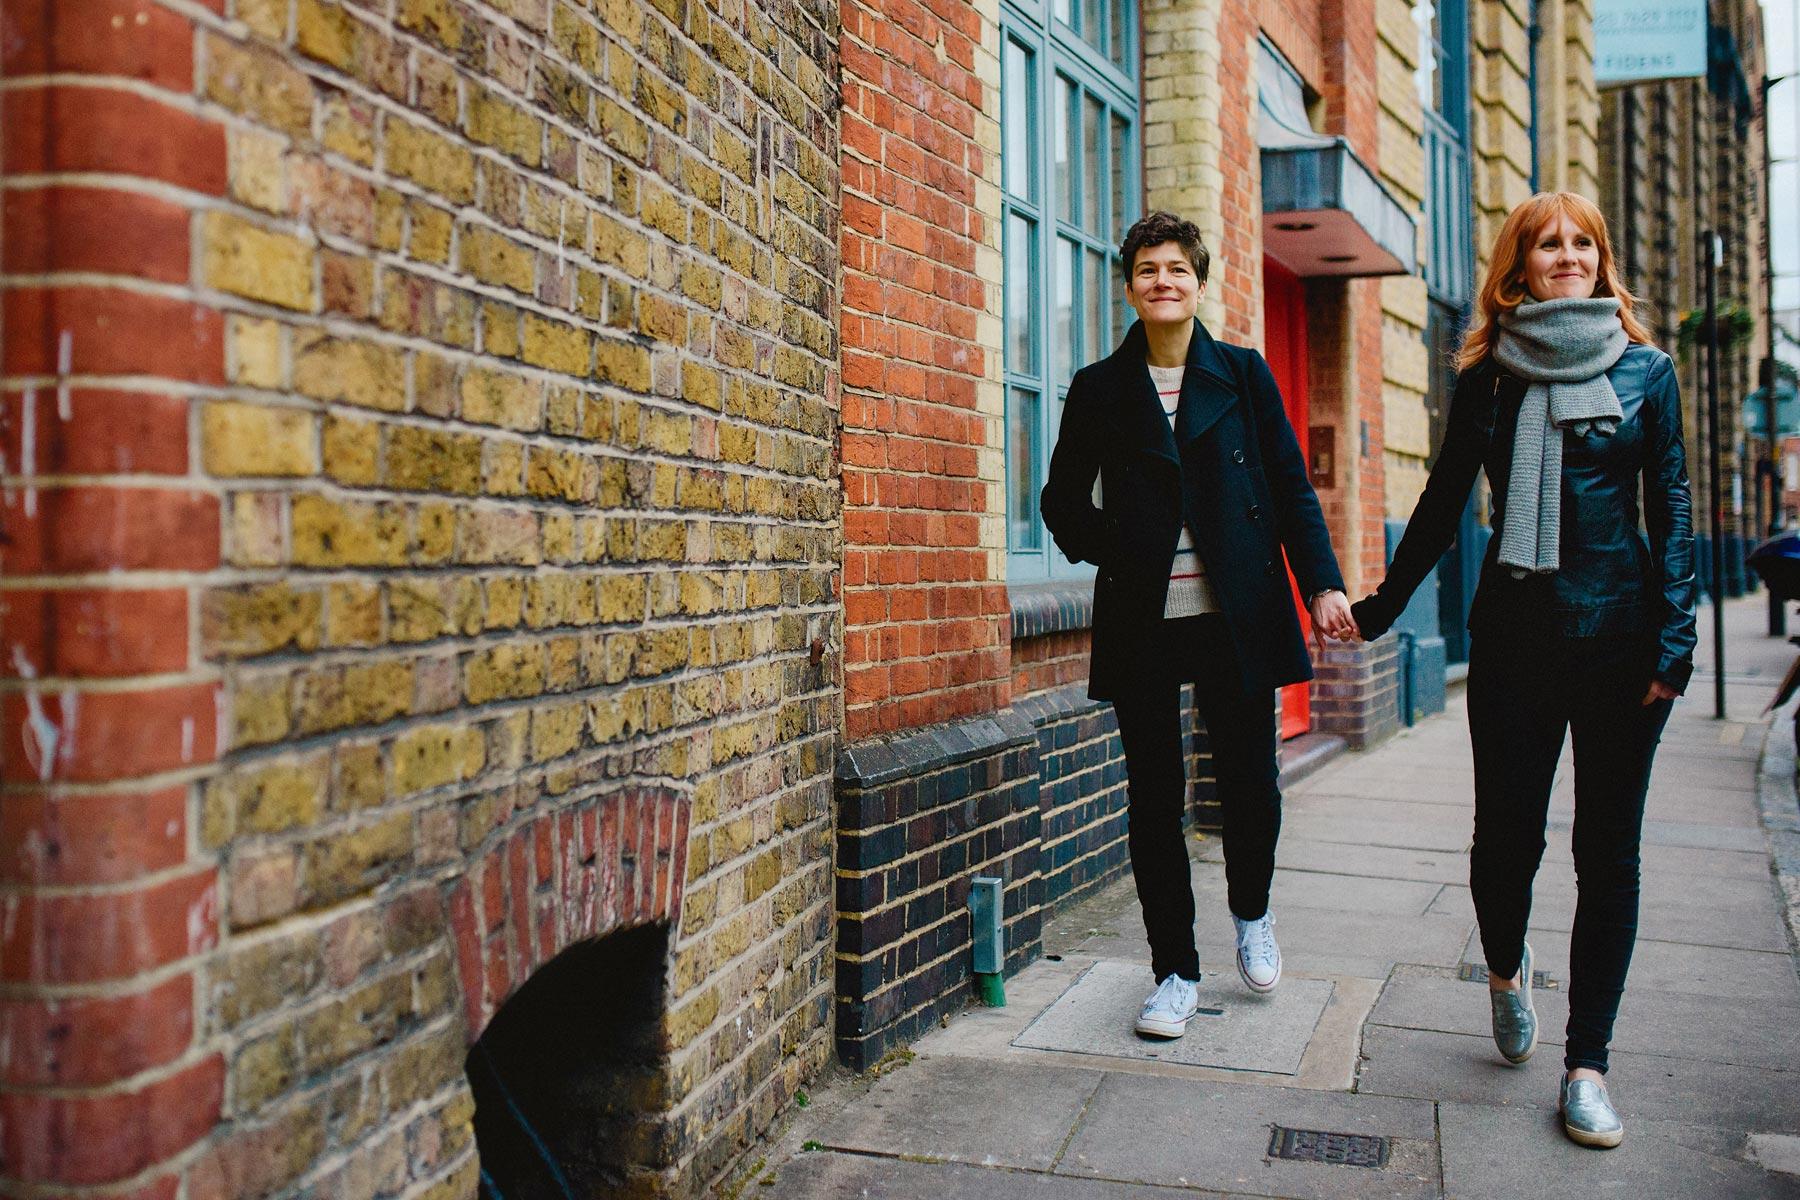 couple in london street